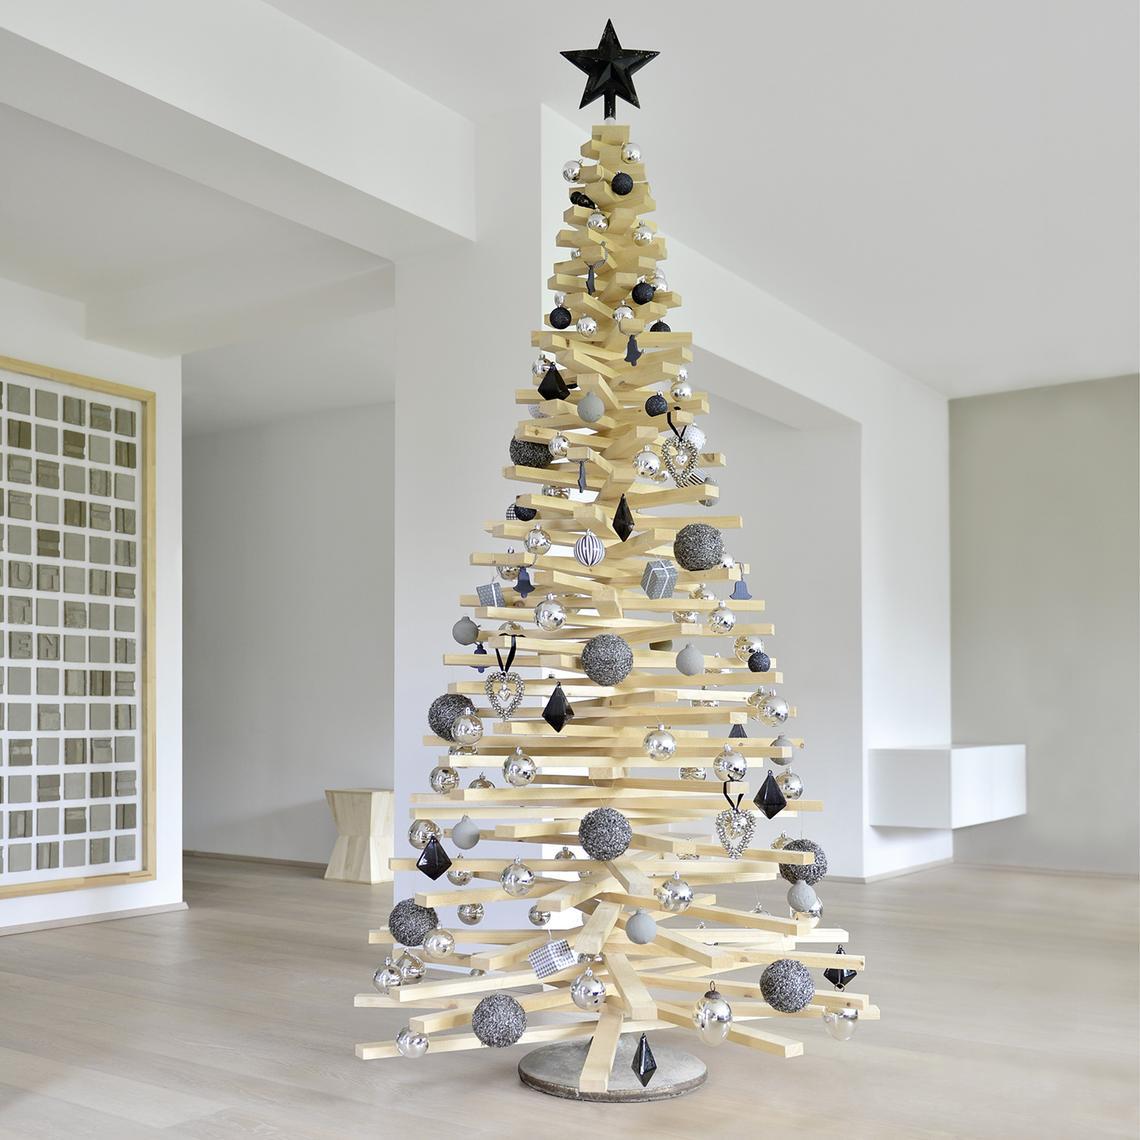 Weihnachtsbaum Diy  DIY Weihnachtsbaum aus Holzlatten